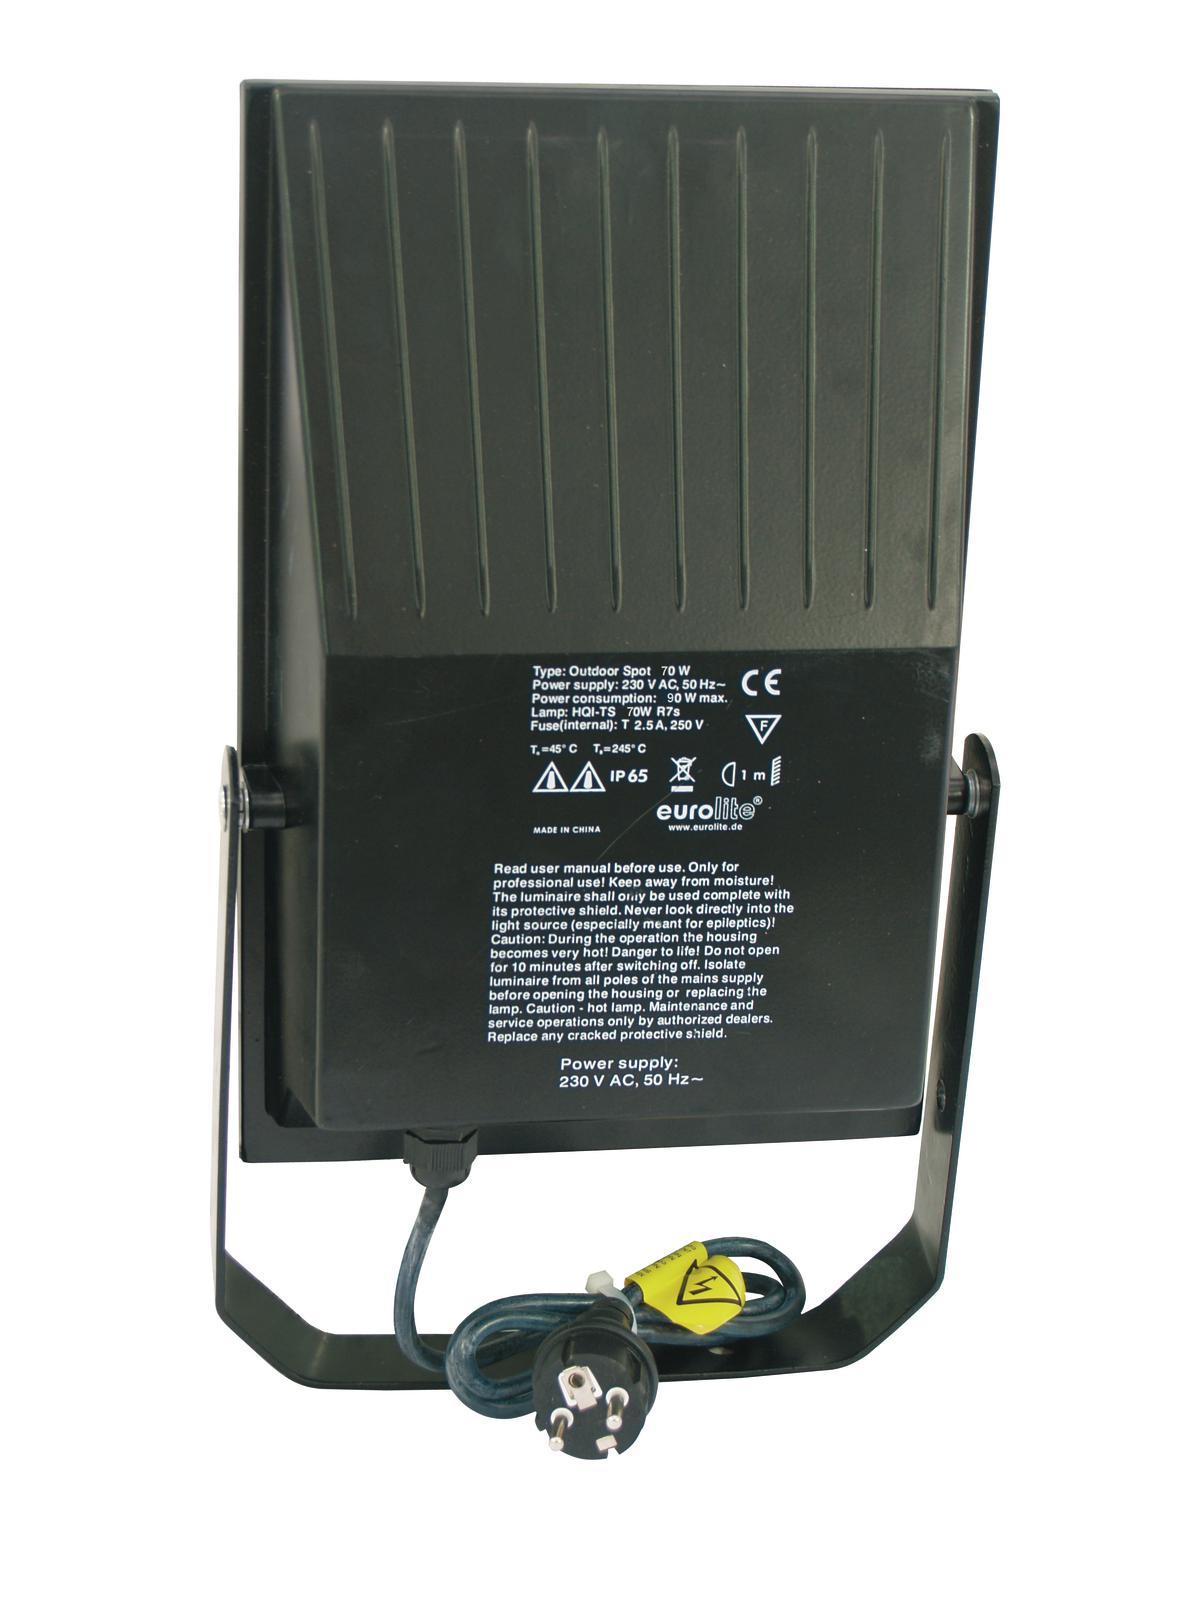 EUROLITE Proiettore da esterno da 70 Watt WFL nero A